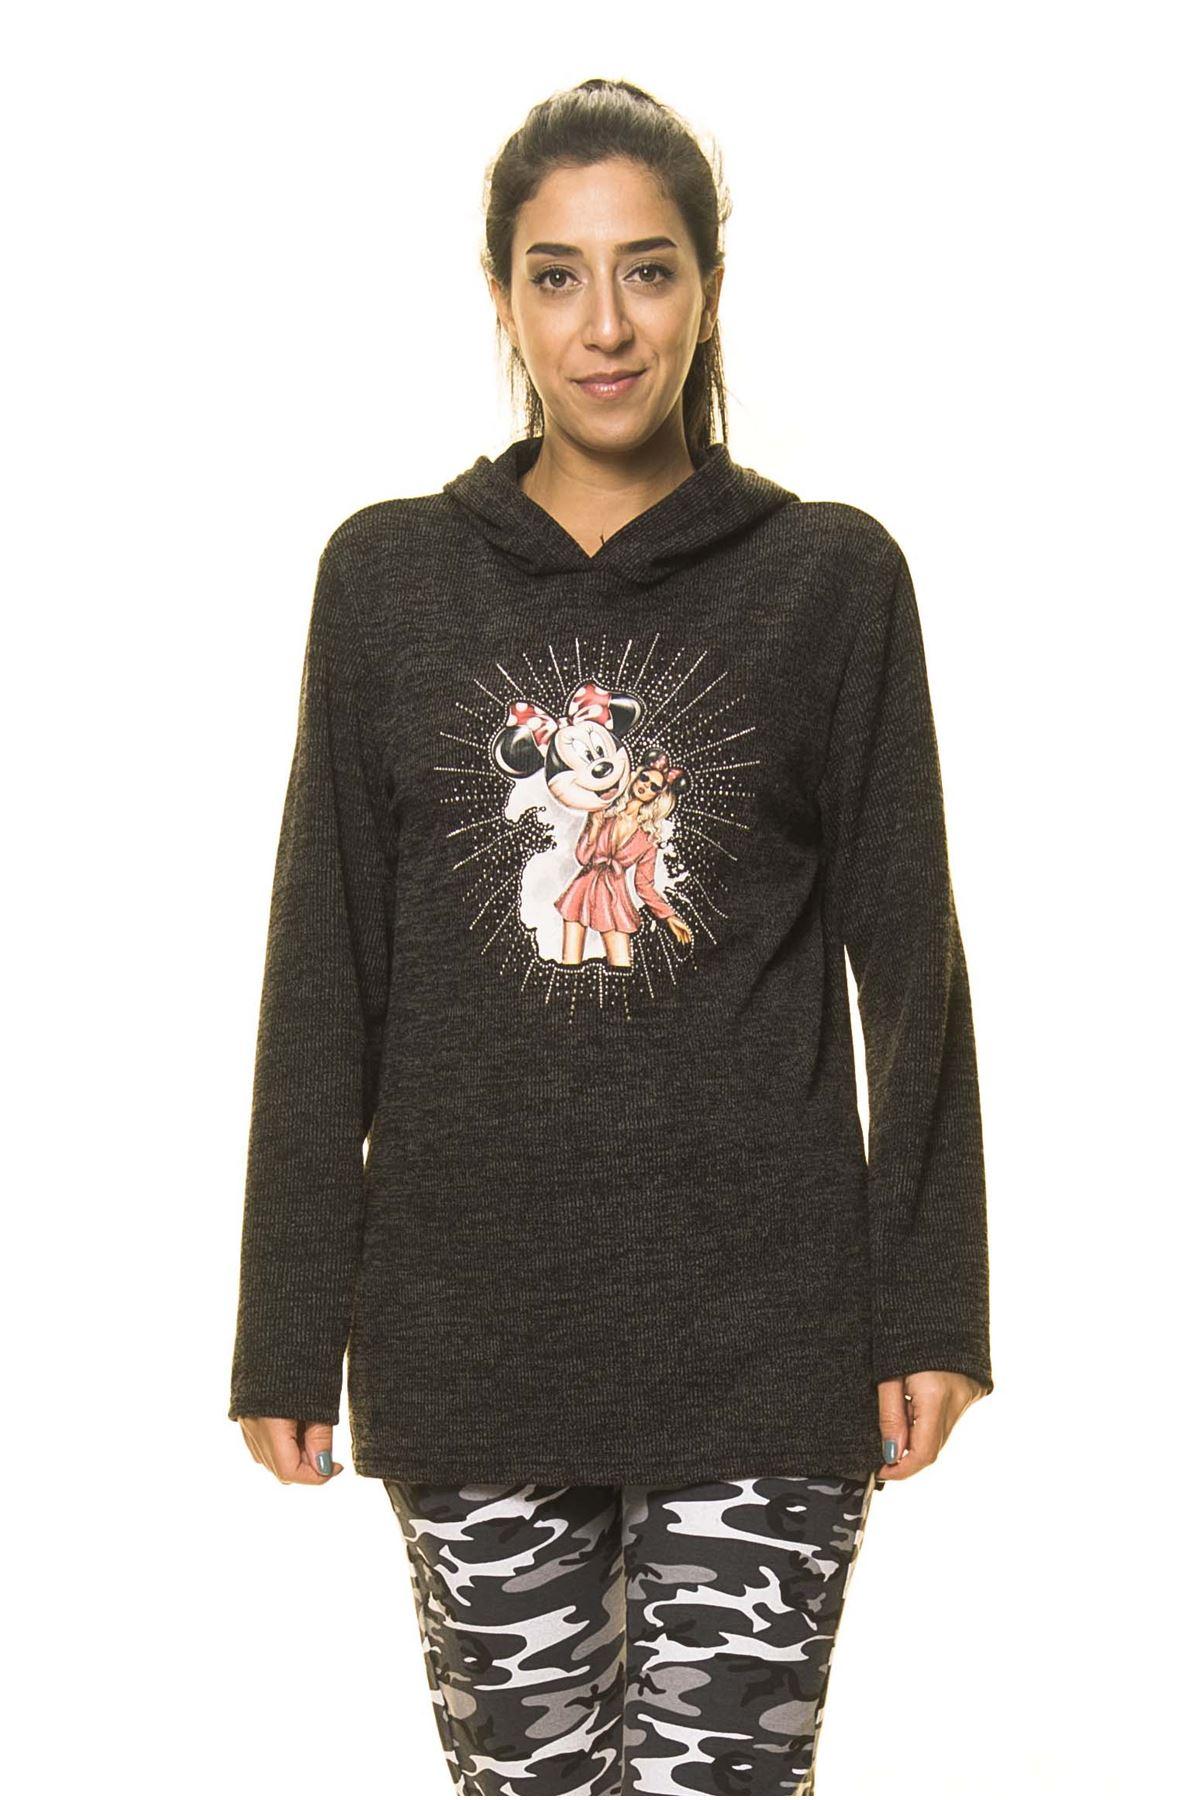 Kadın Antrasit Kapüşonlu Örme Sweatshirt K7-2091